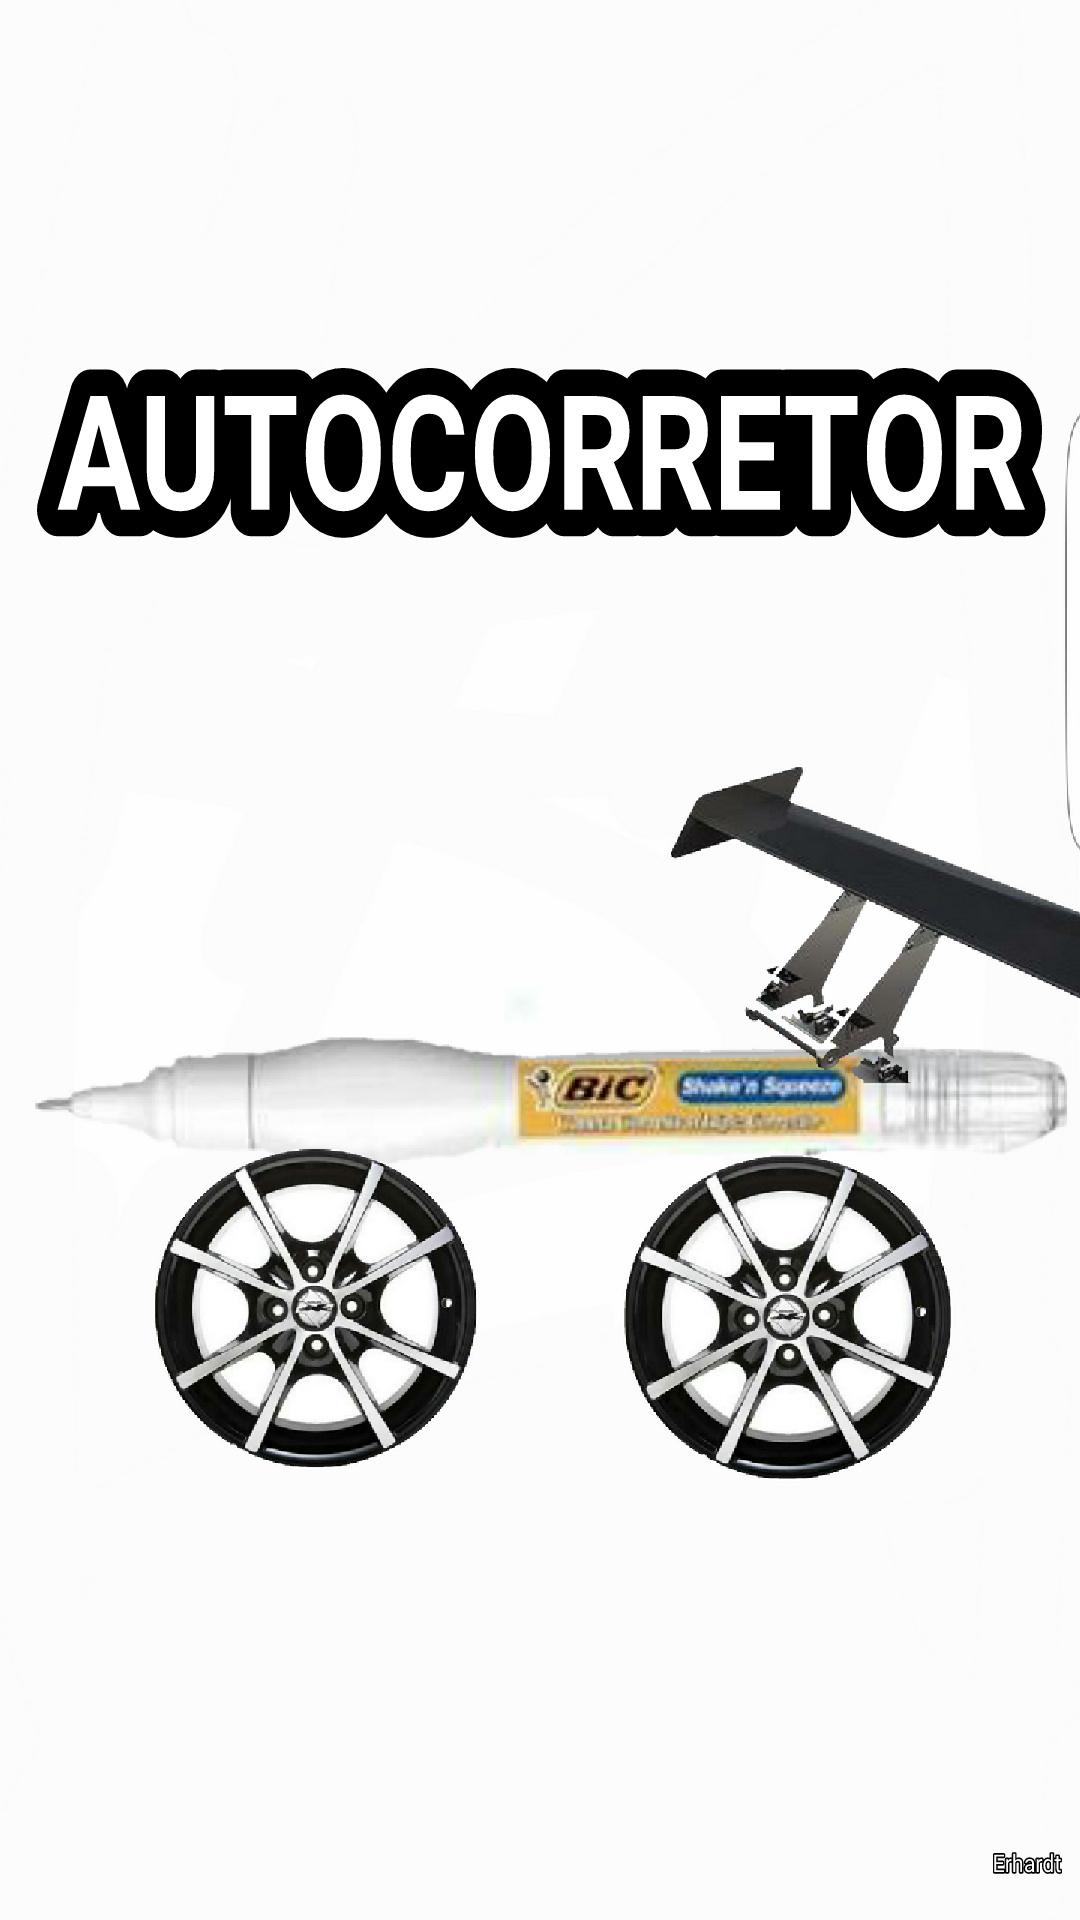 Autocorretor - meme